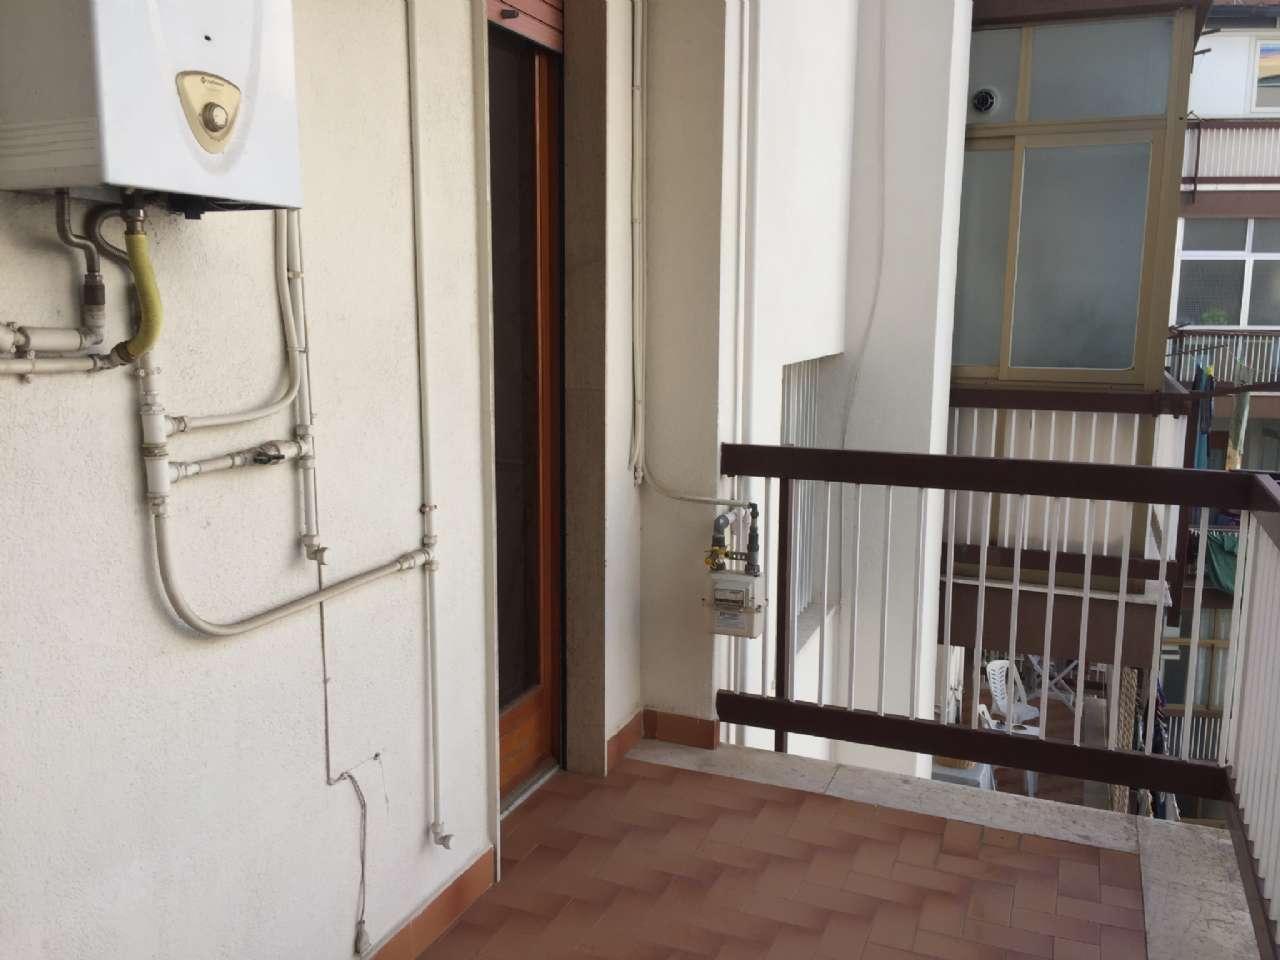 Quadrilocale, Via Ercole Bernabei, zona Malaspina, Palermo, foto 12